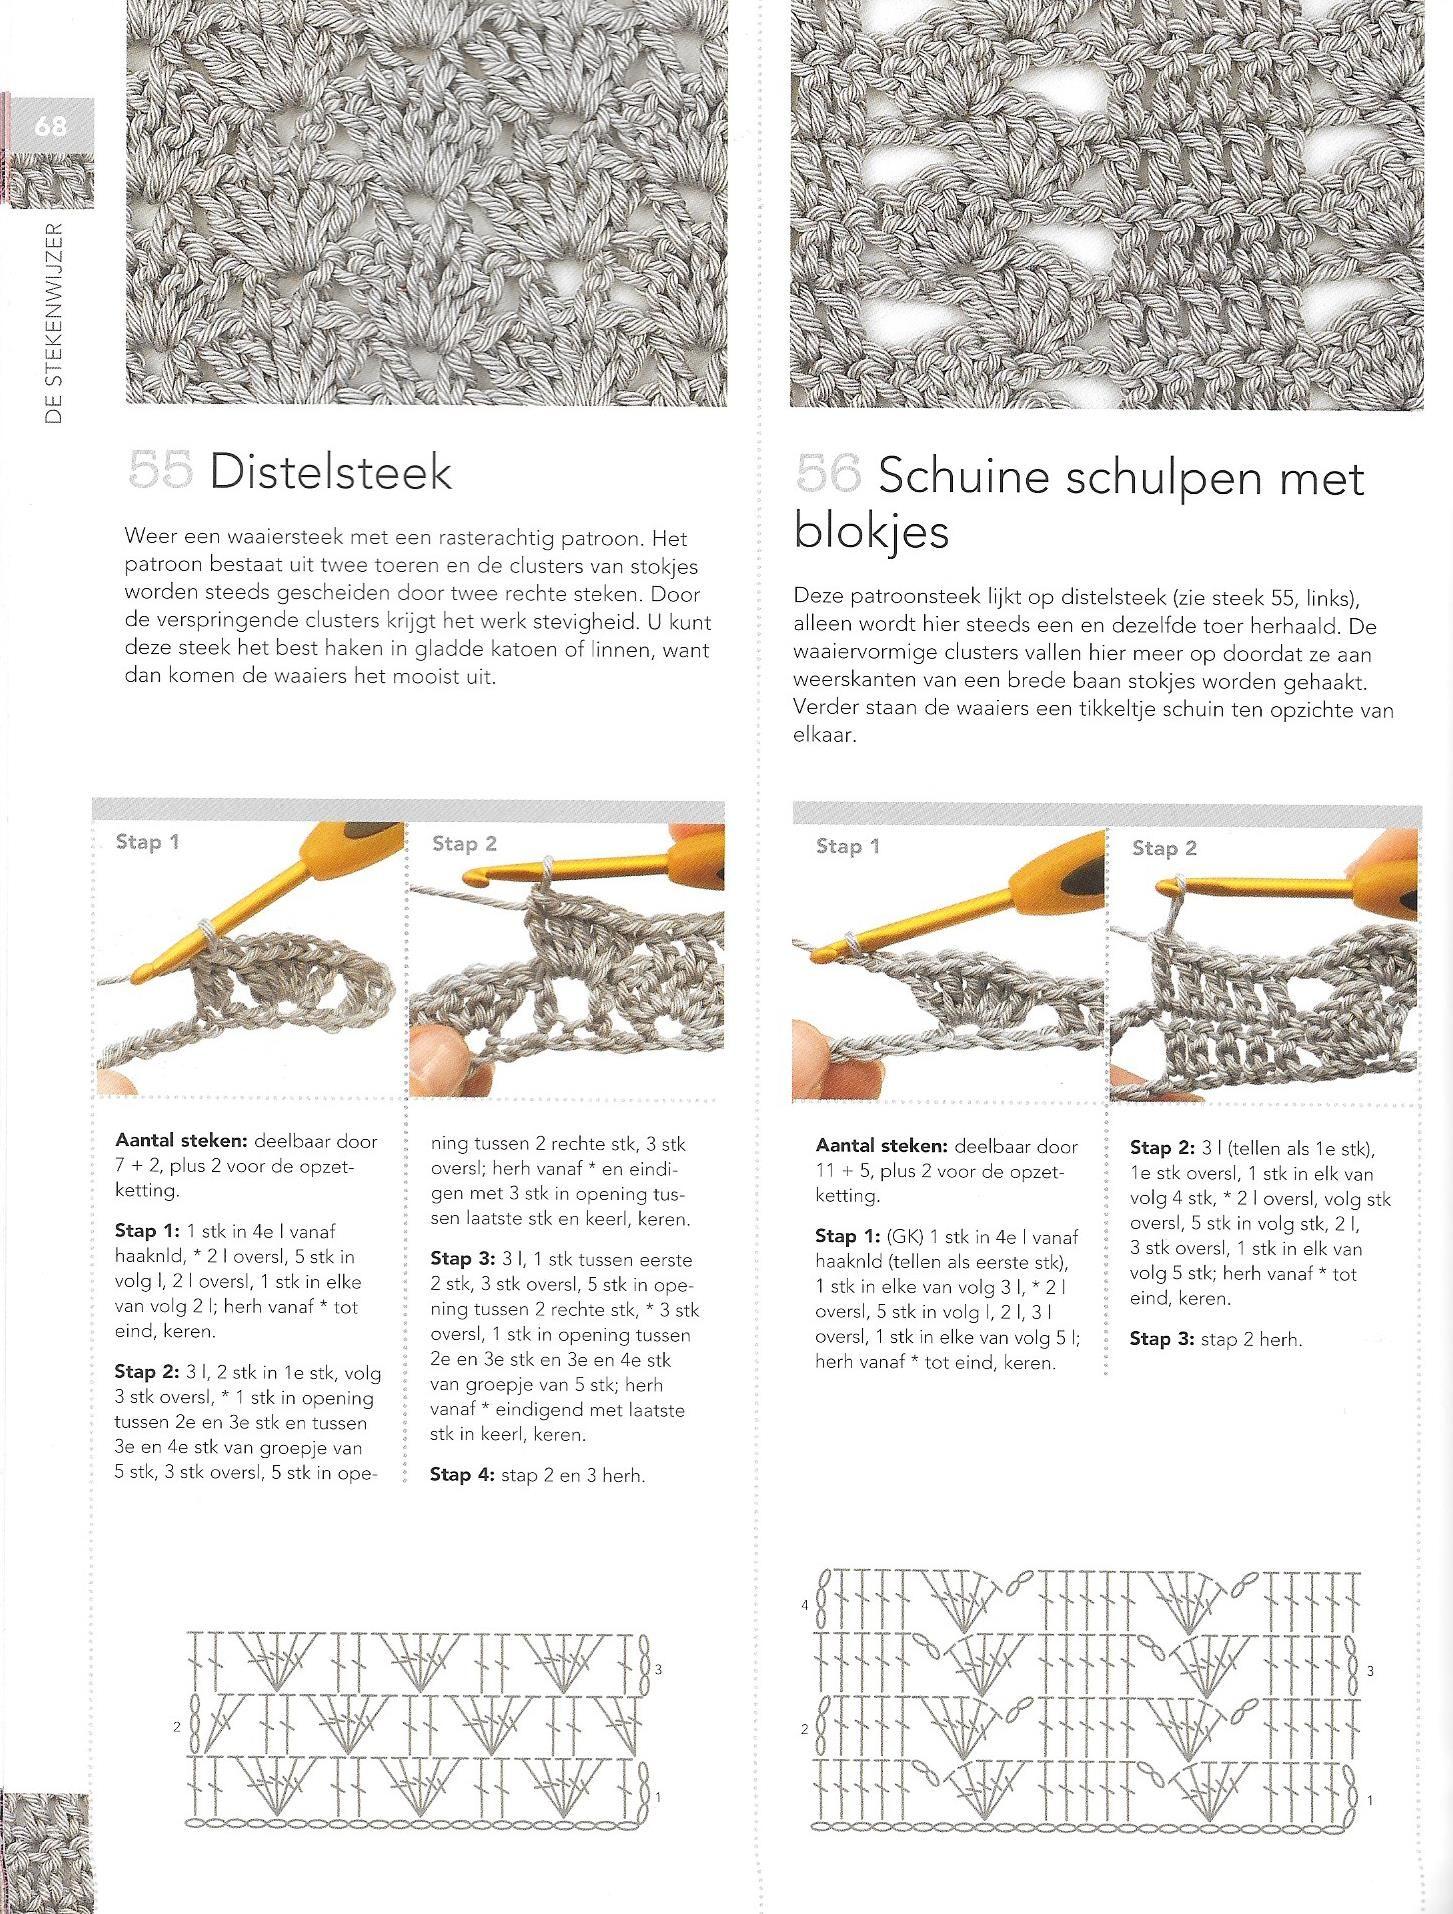 Distelsteek Schuine Schulpen Met Blokjes Steek Haaksteken